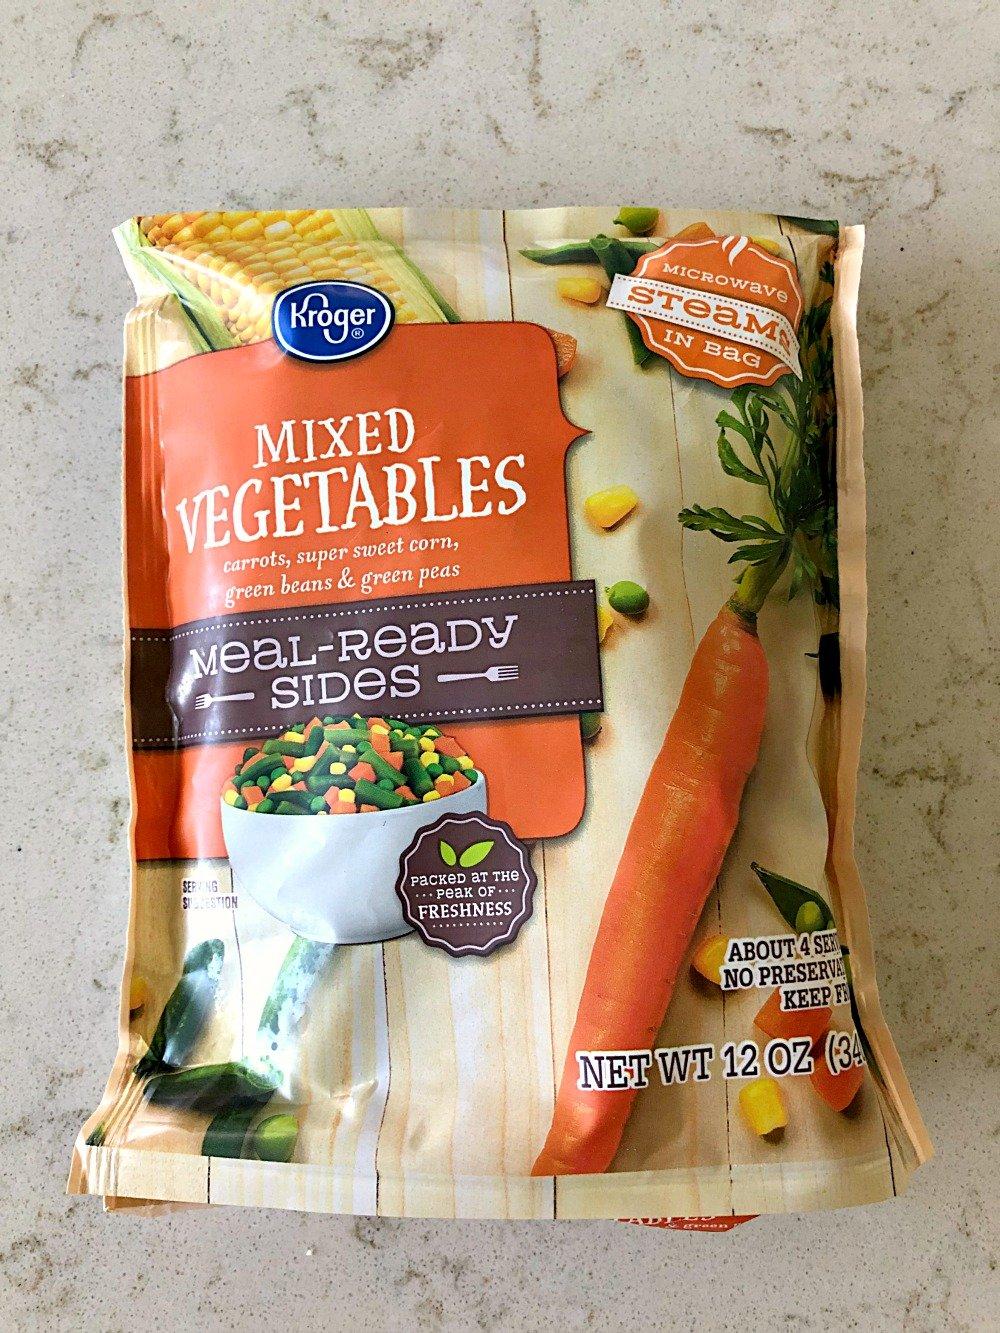 bag of frozen mixed vegetables